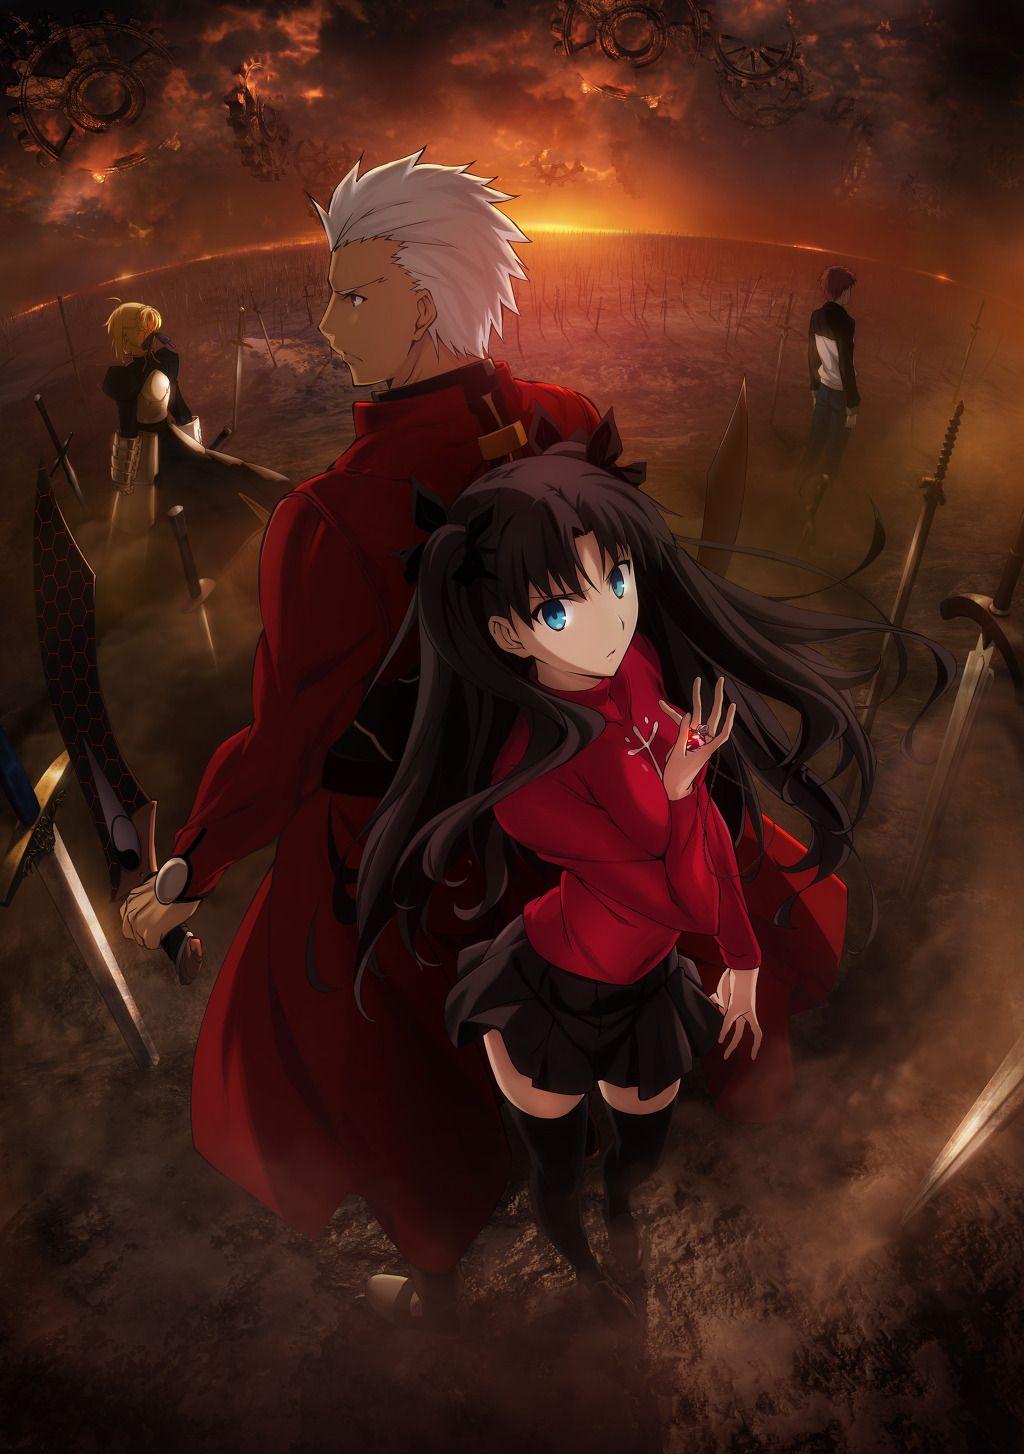 Shirou Emiya / Saber / Rin Tohsaka / Archer【Fate/Stay